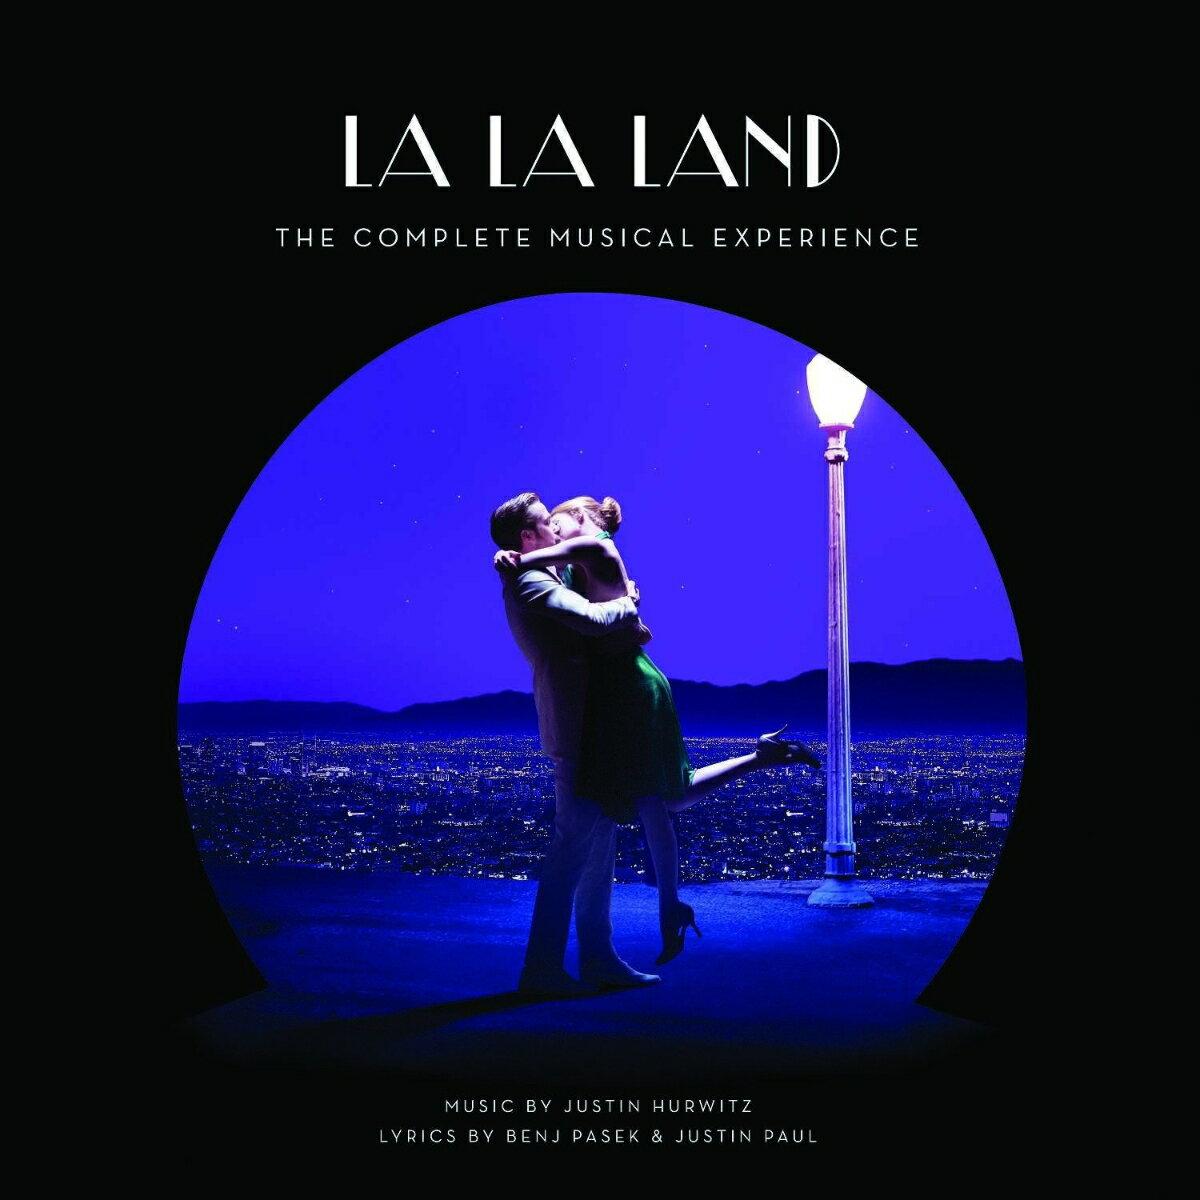 ラ・ラ・ランド(完全ミュージカル体験盤) [ (オリジナル・サウンドトラック) ]